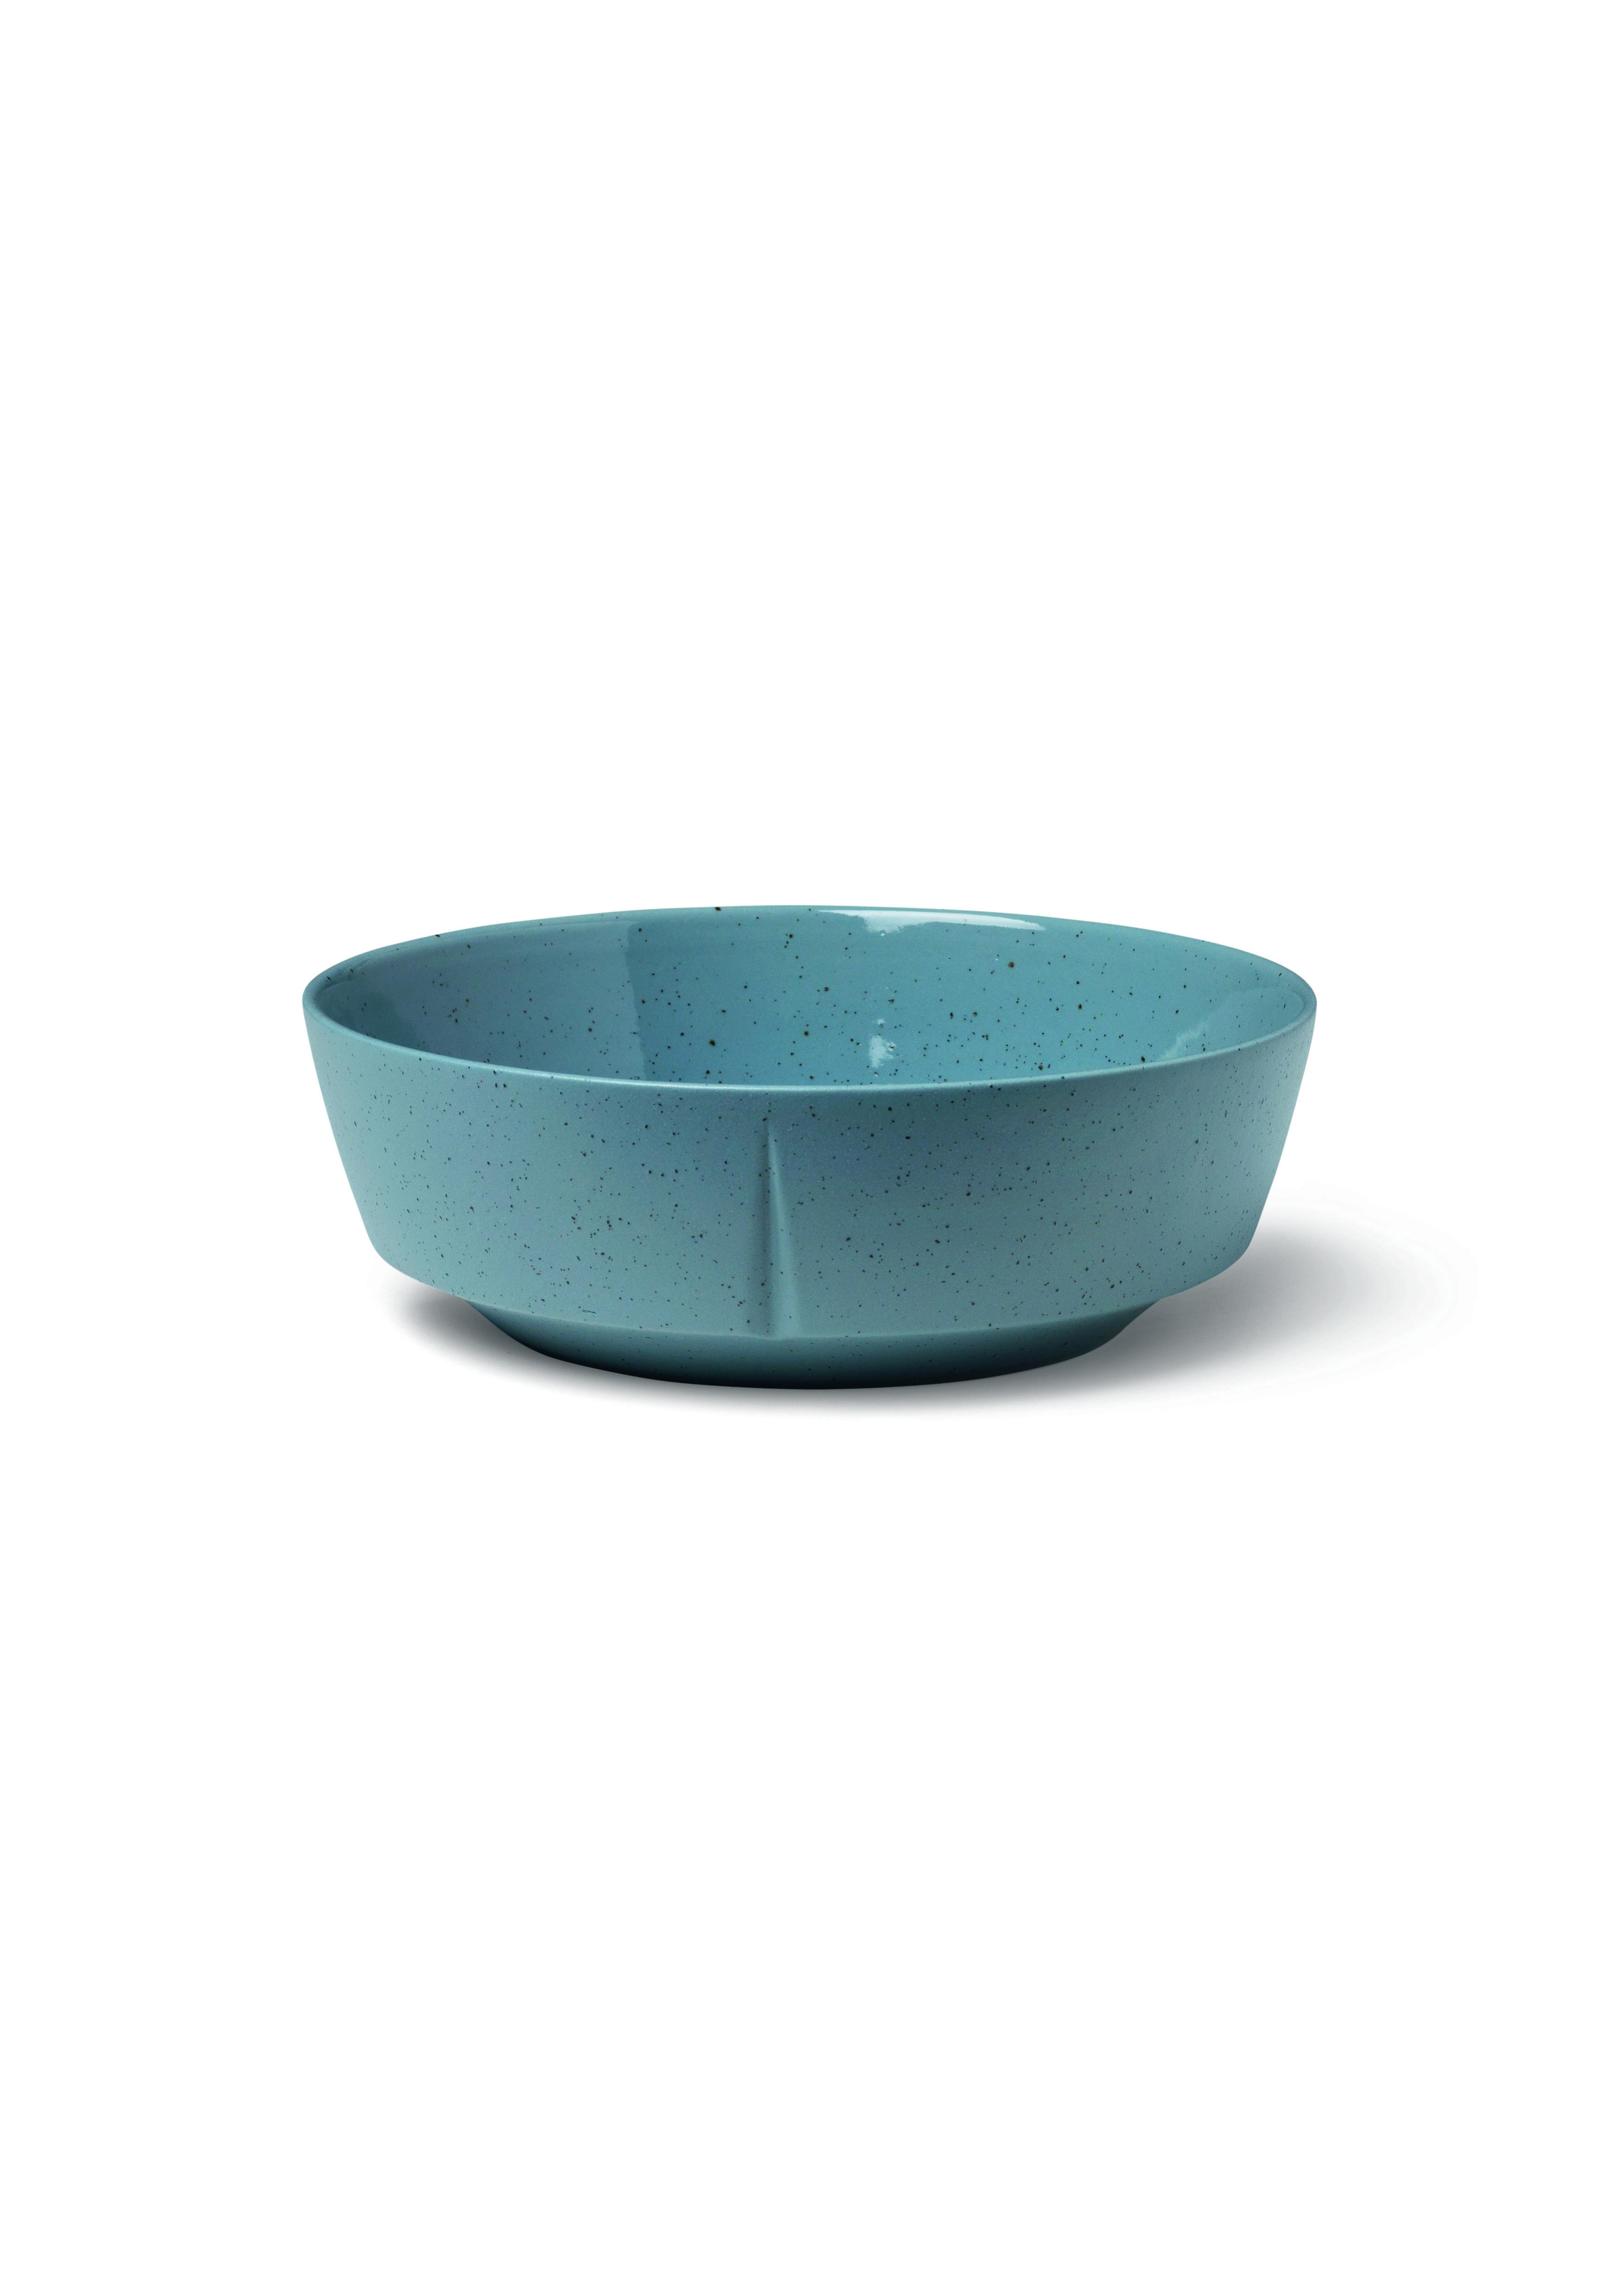 Rosendahl Grand Cru Sense skål, Ø21,5 cm, blå